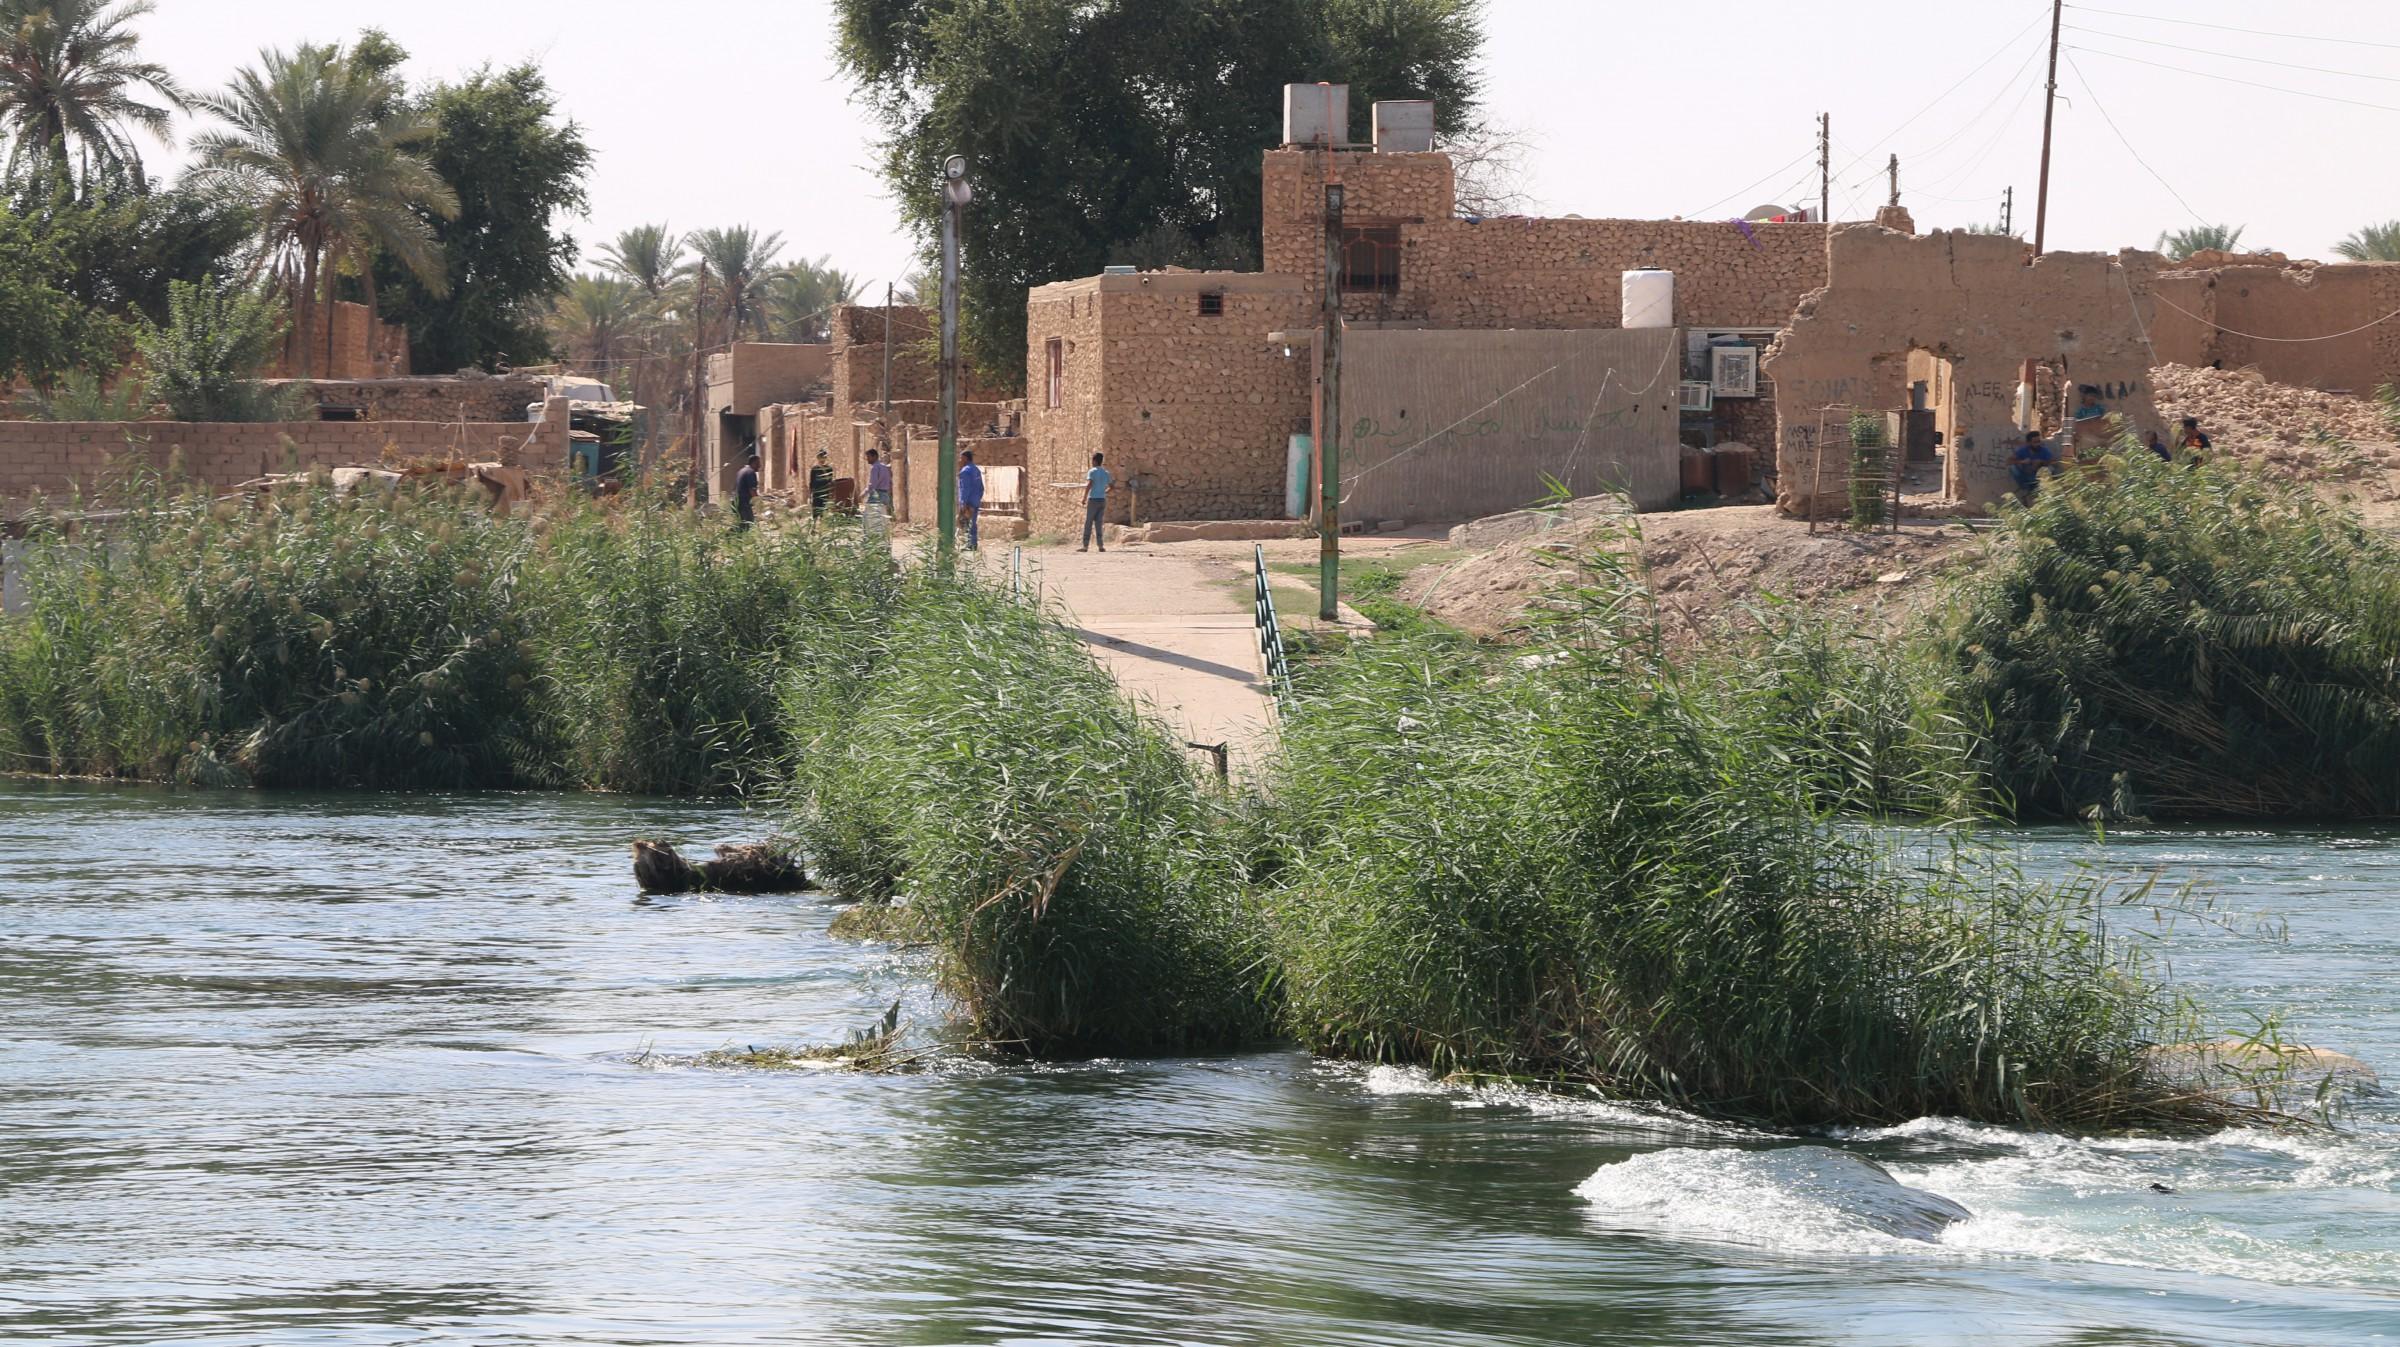 مسؤول محلي بالانبار يؤكد عدم اعمار أي دائرة او جسر منذ تحرير البغدادي